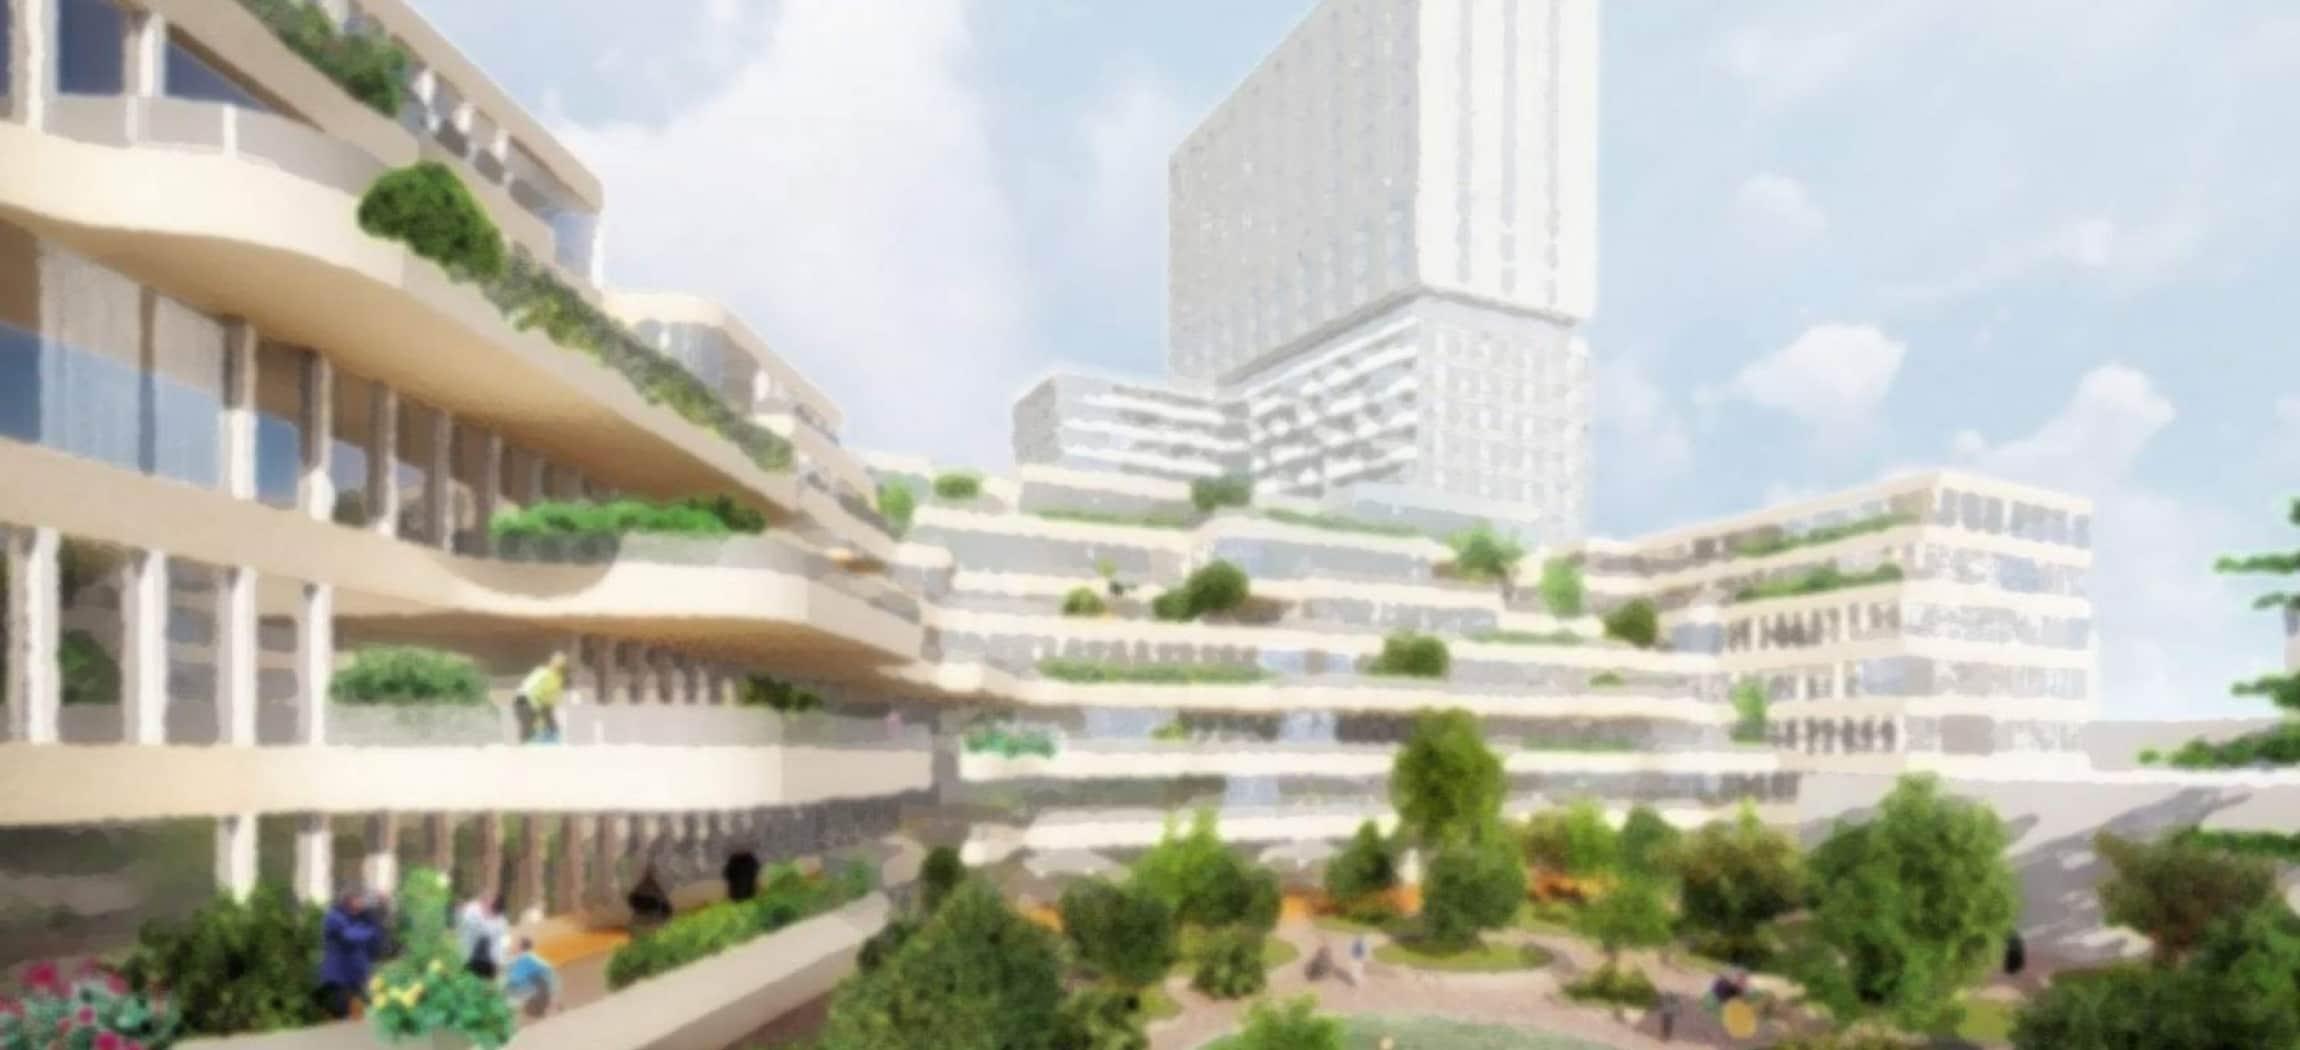 Tekening van hoogbouw met veel groen er omheen in omgeving Amsterdam-Zuid